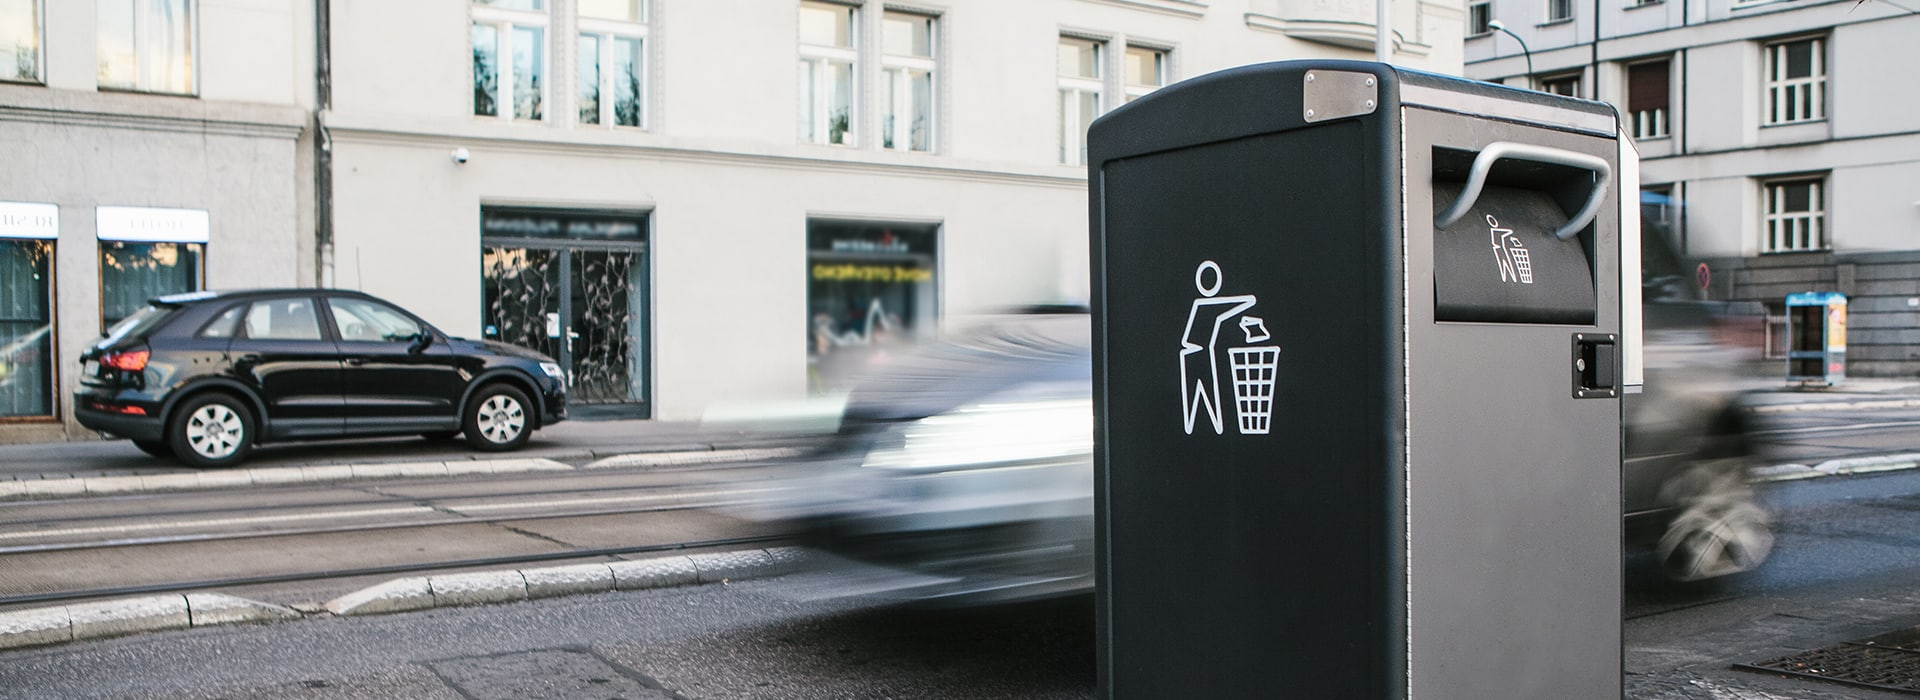 Mülleimer an der Straße